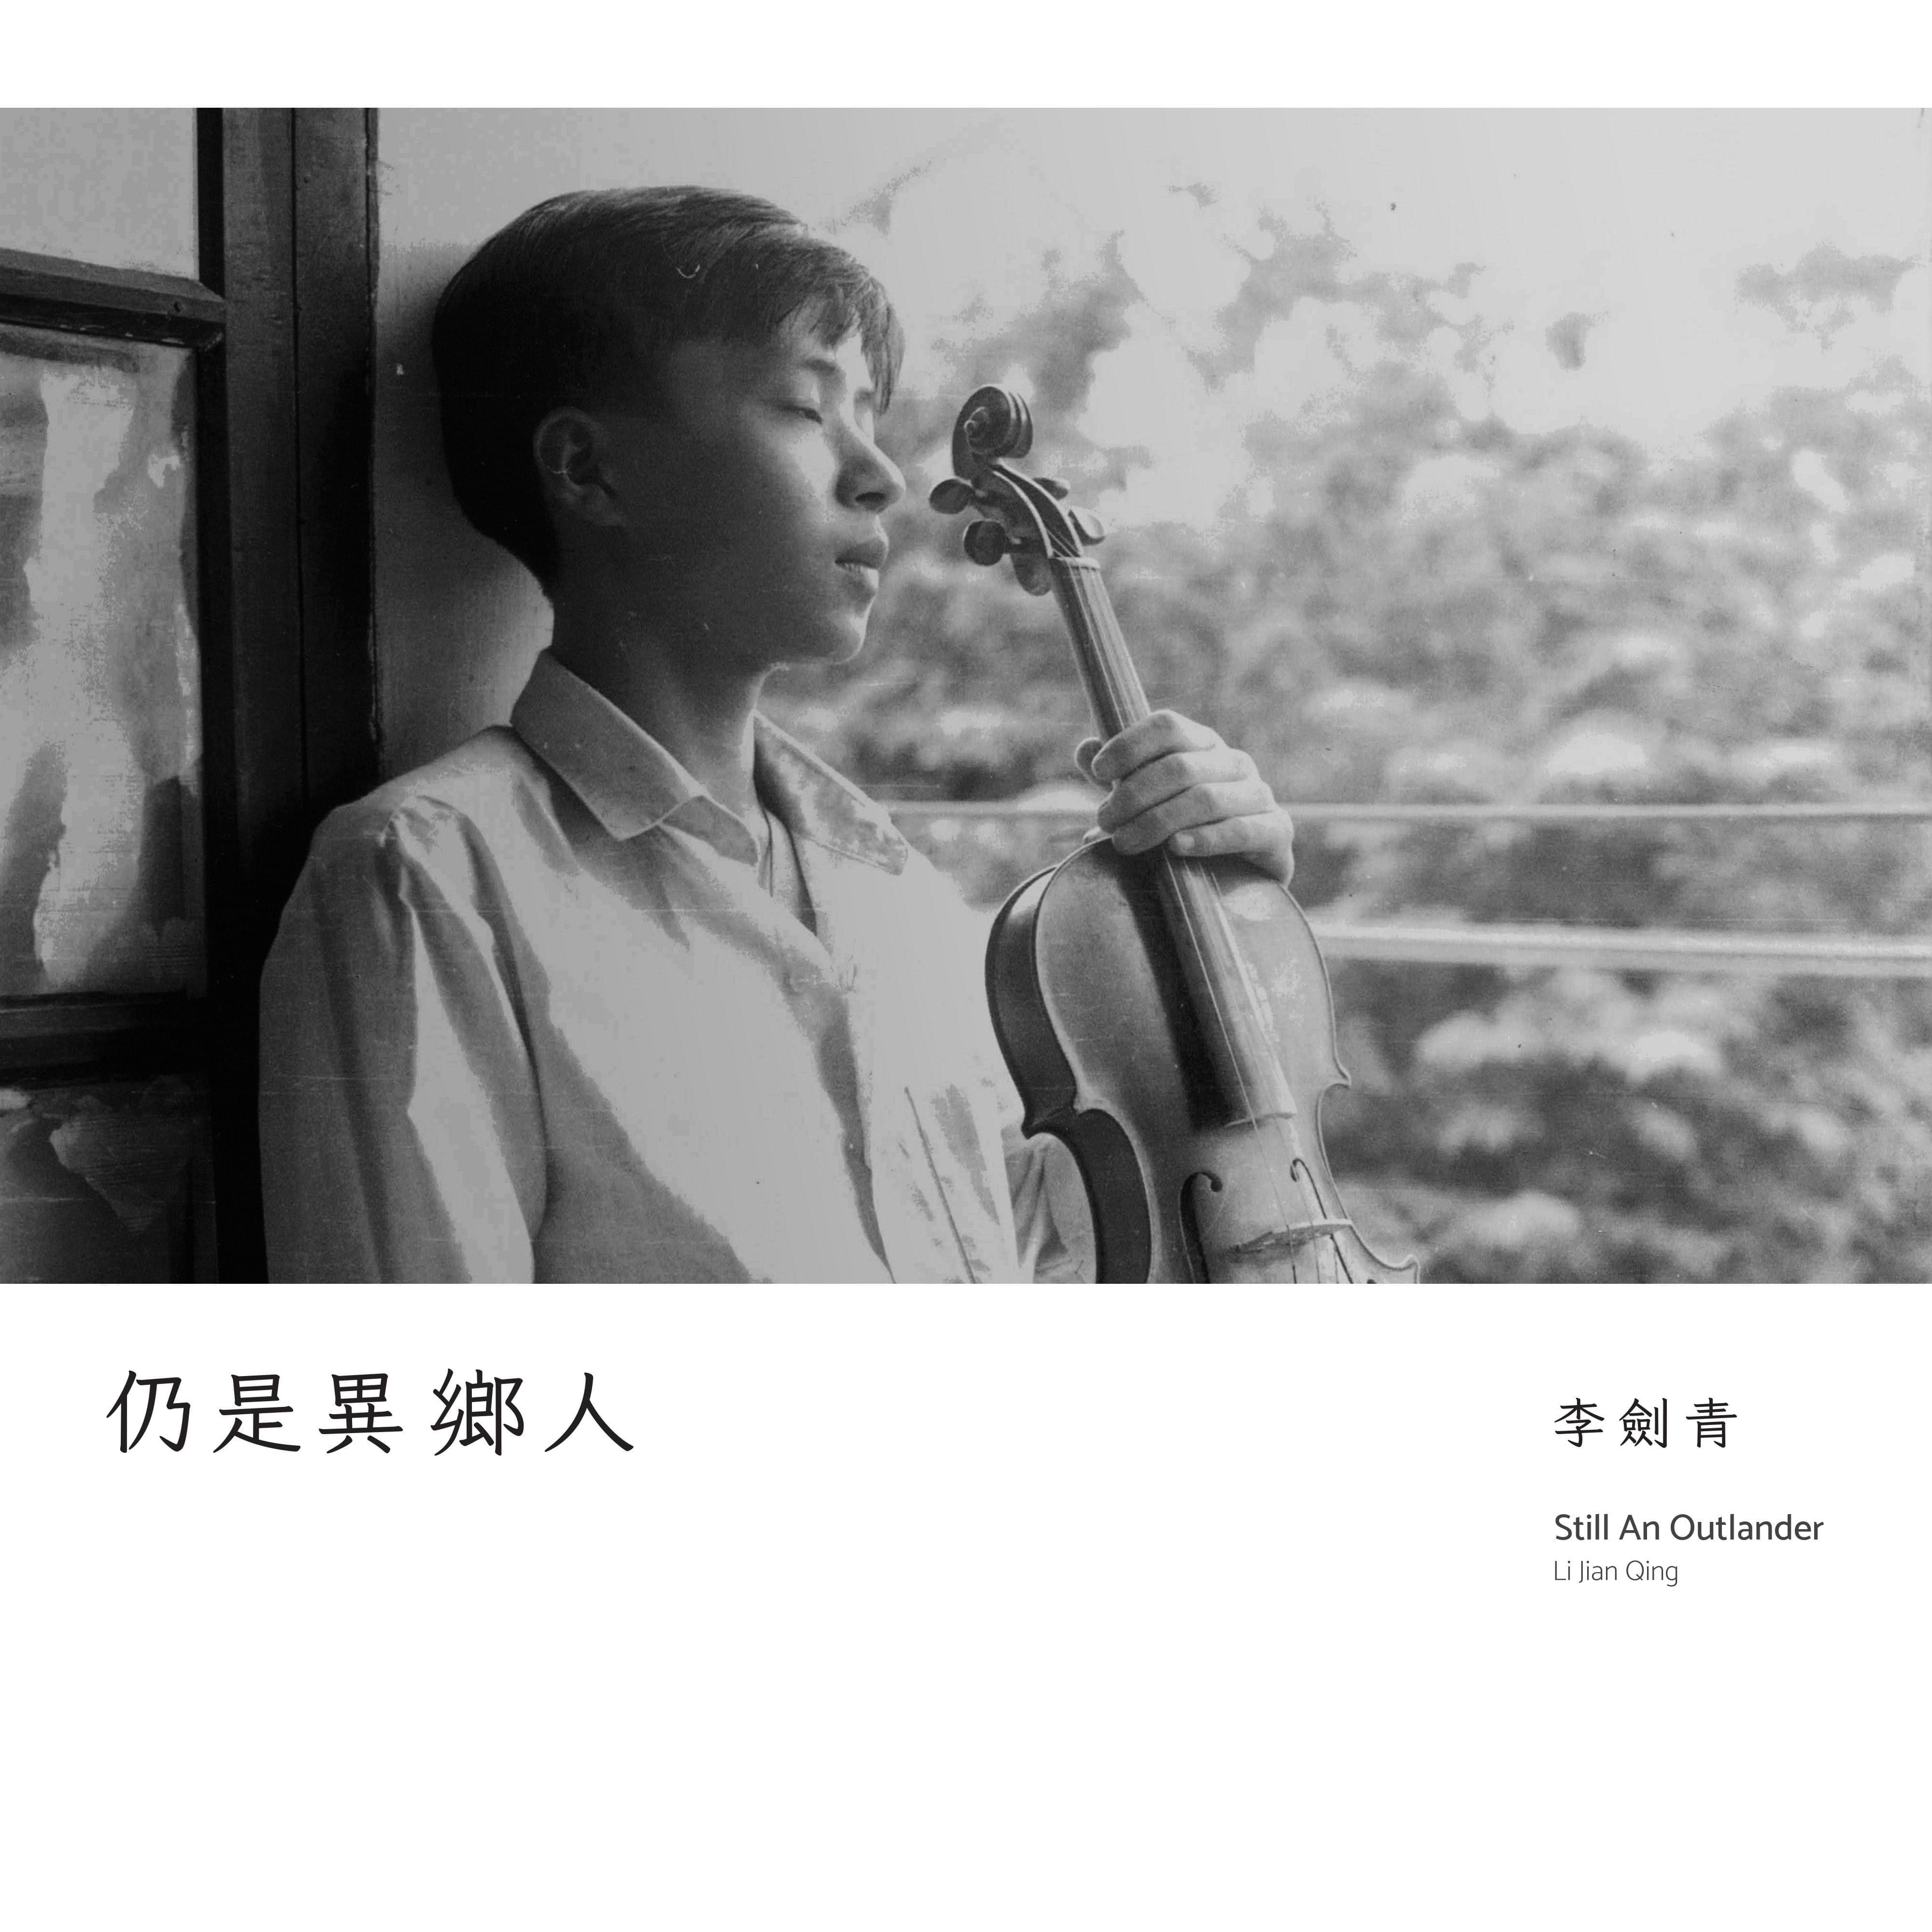 献给平凡人的叙事诗 李剑青发EP《仍是异乡人》